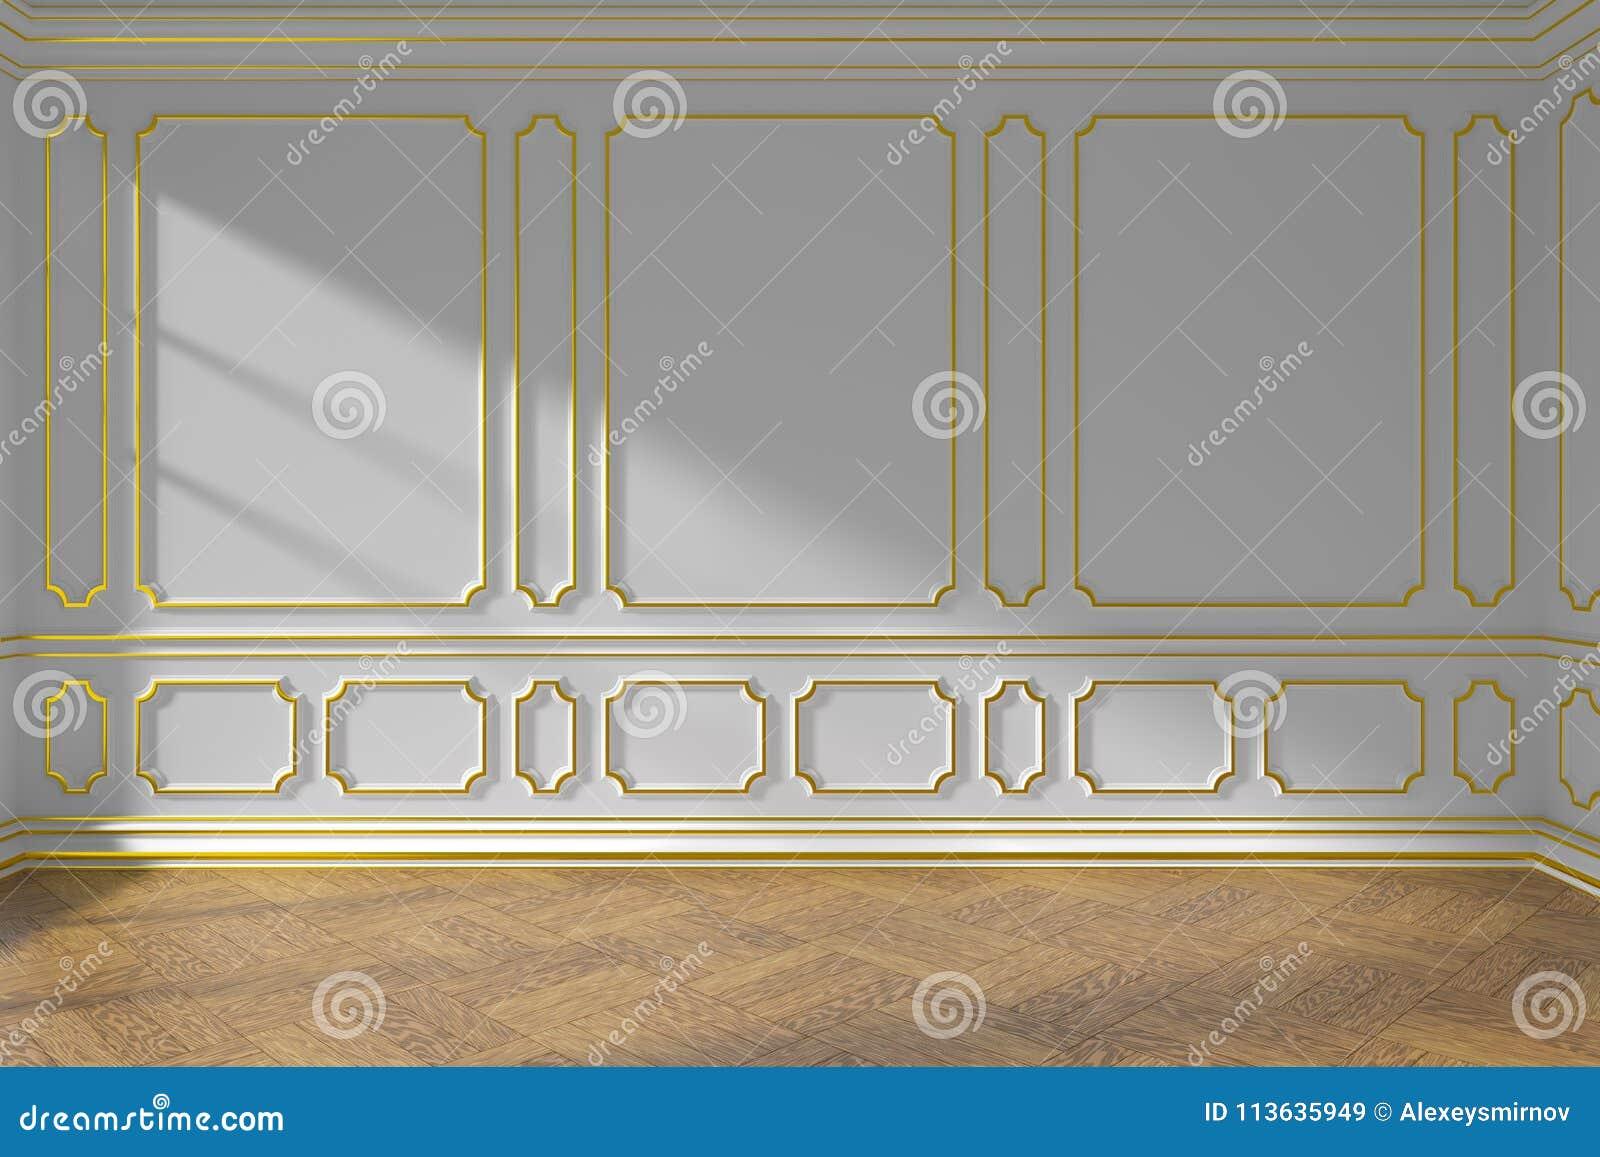 Weiße Leere Raumwand Mit Goldformteil Und -parkett Stock Abbildung ...